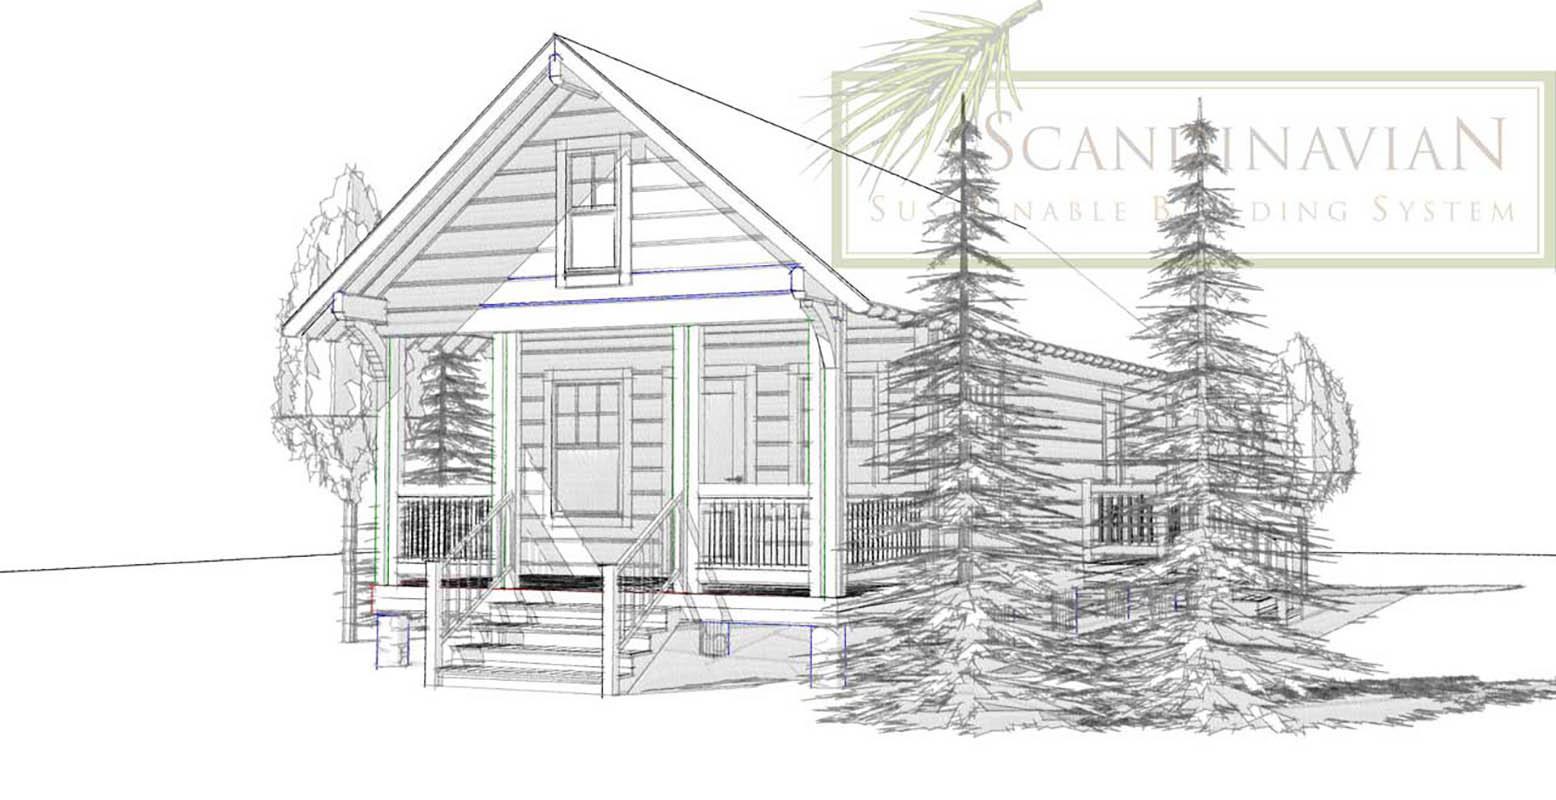 Scandinavian Leisure Collection: Idaho Springs – Front Concept